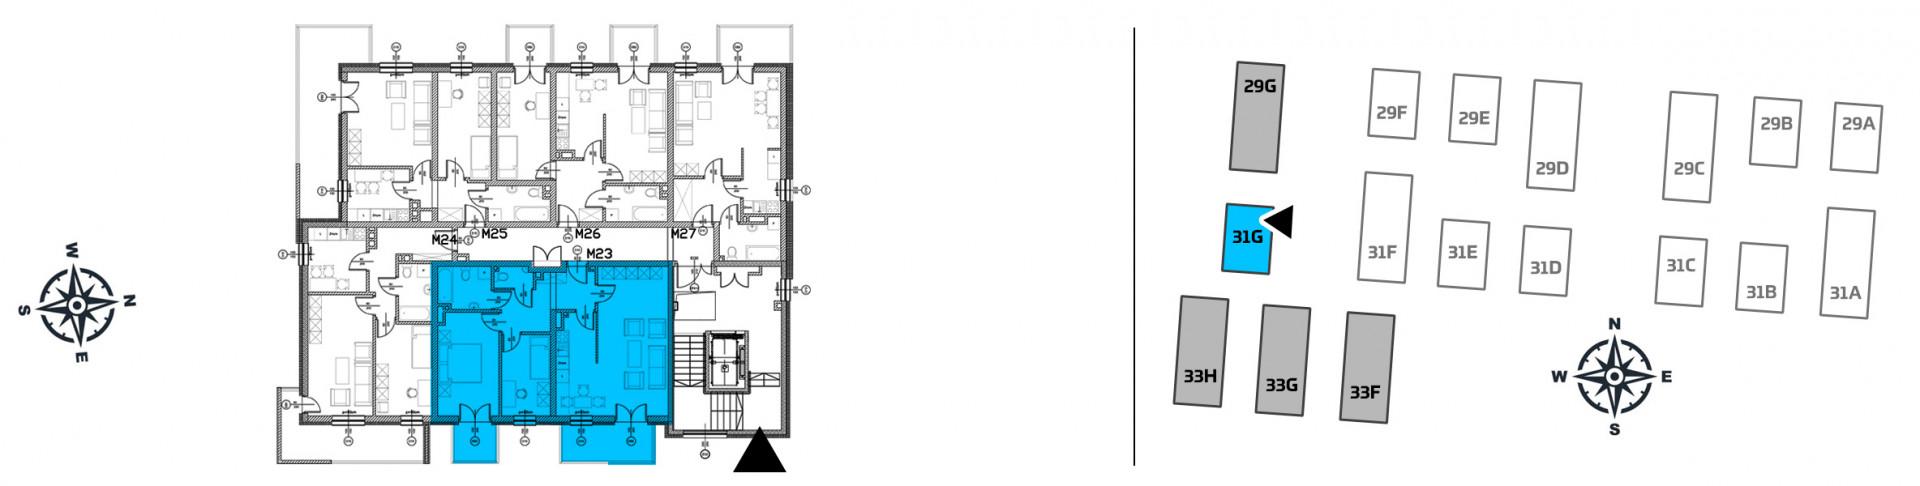 Mieszkanie trzypokojowe 31G/23 rzut 2